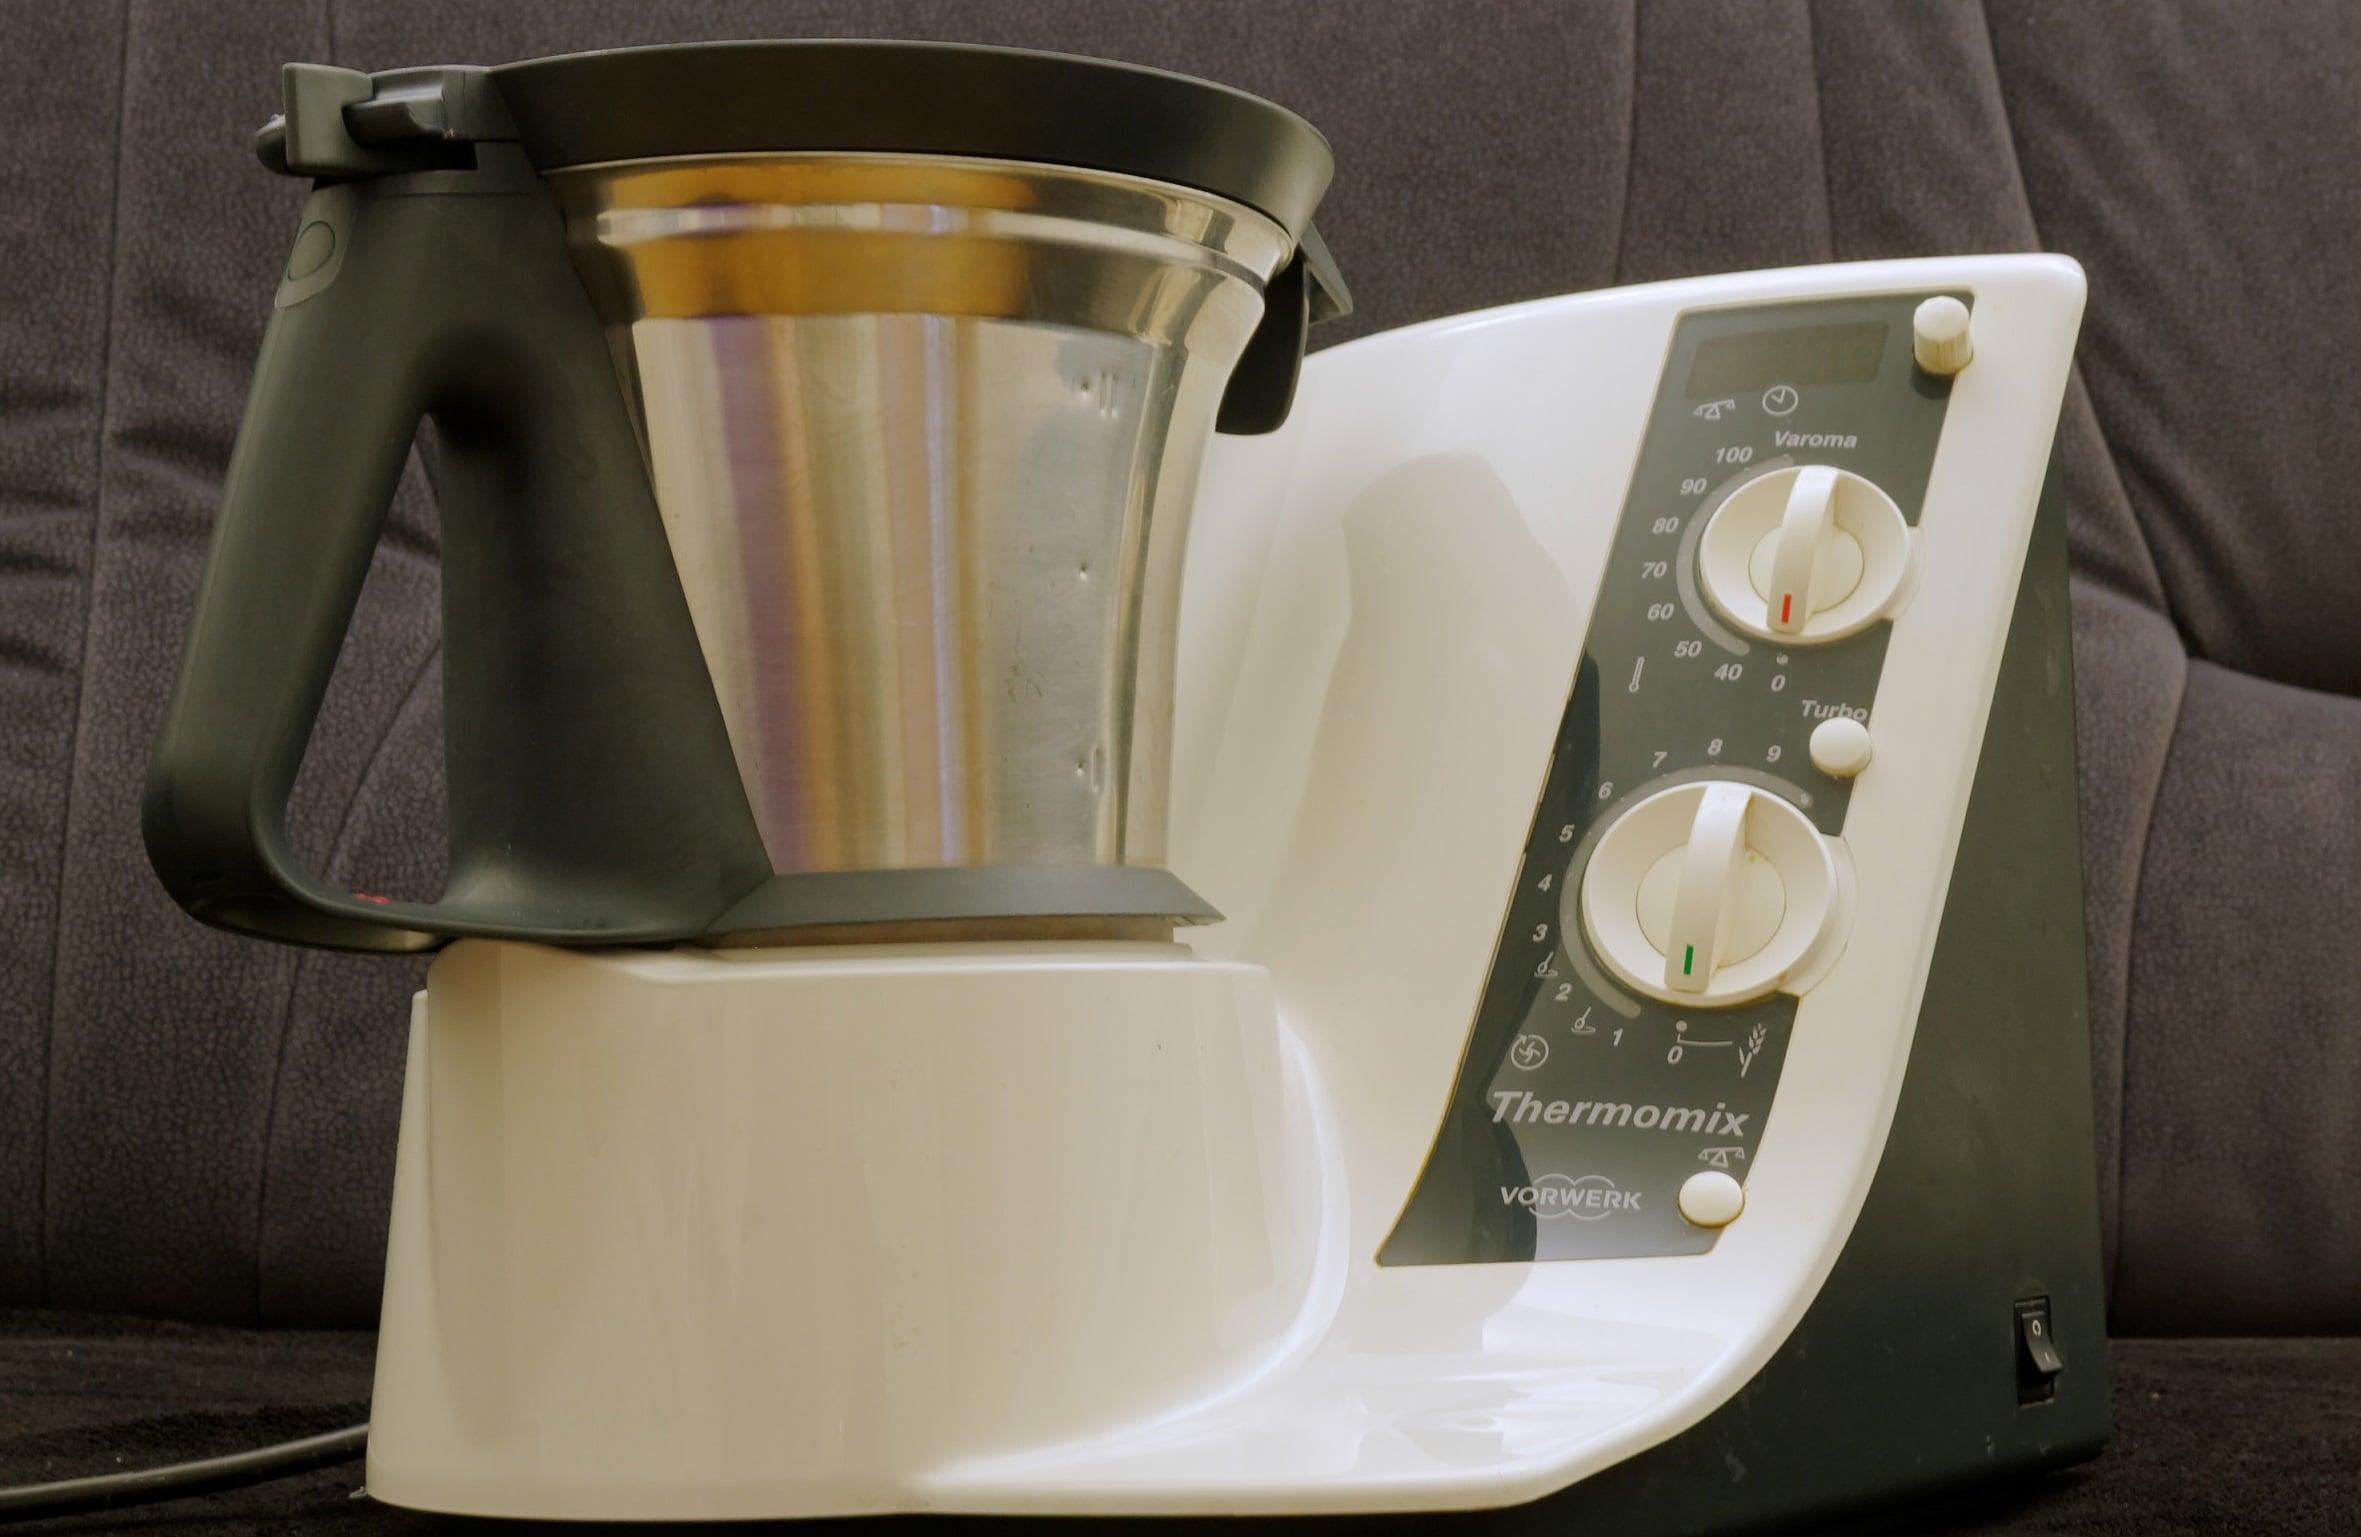 Bimby: prezzo, promozione e recensioni del robot da cucina più amato